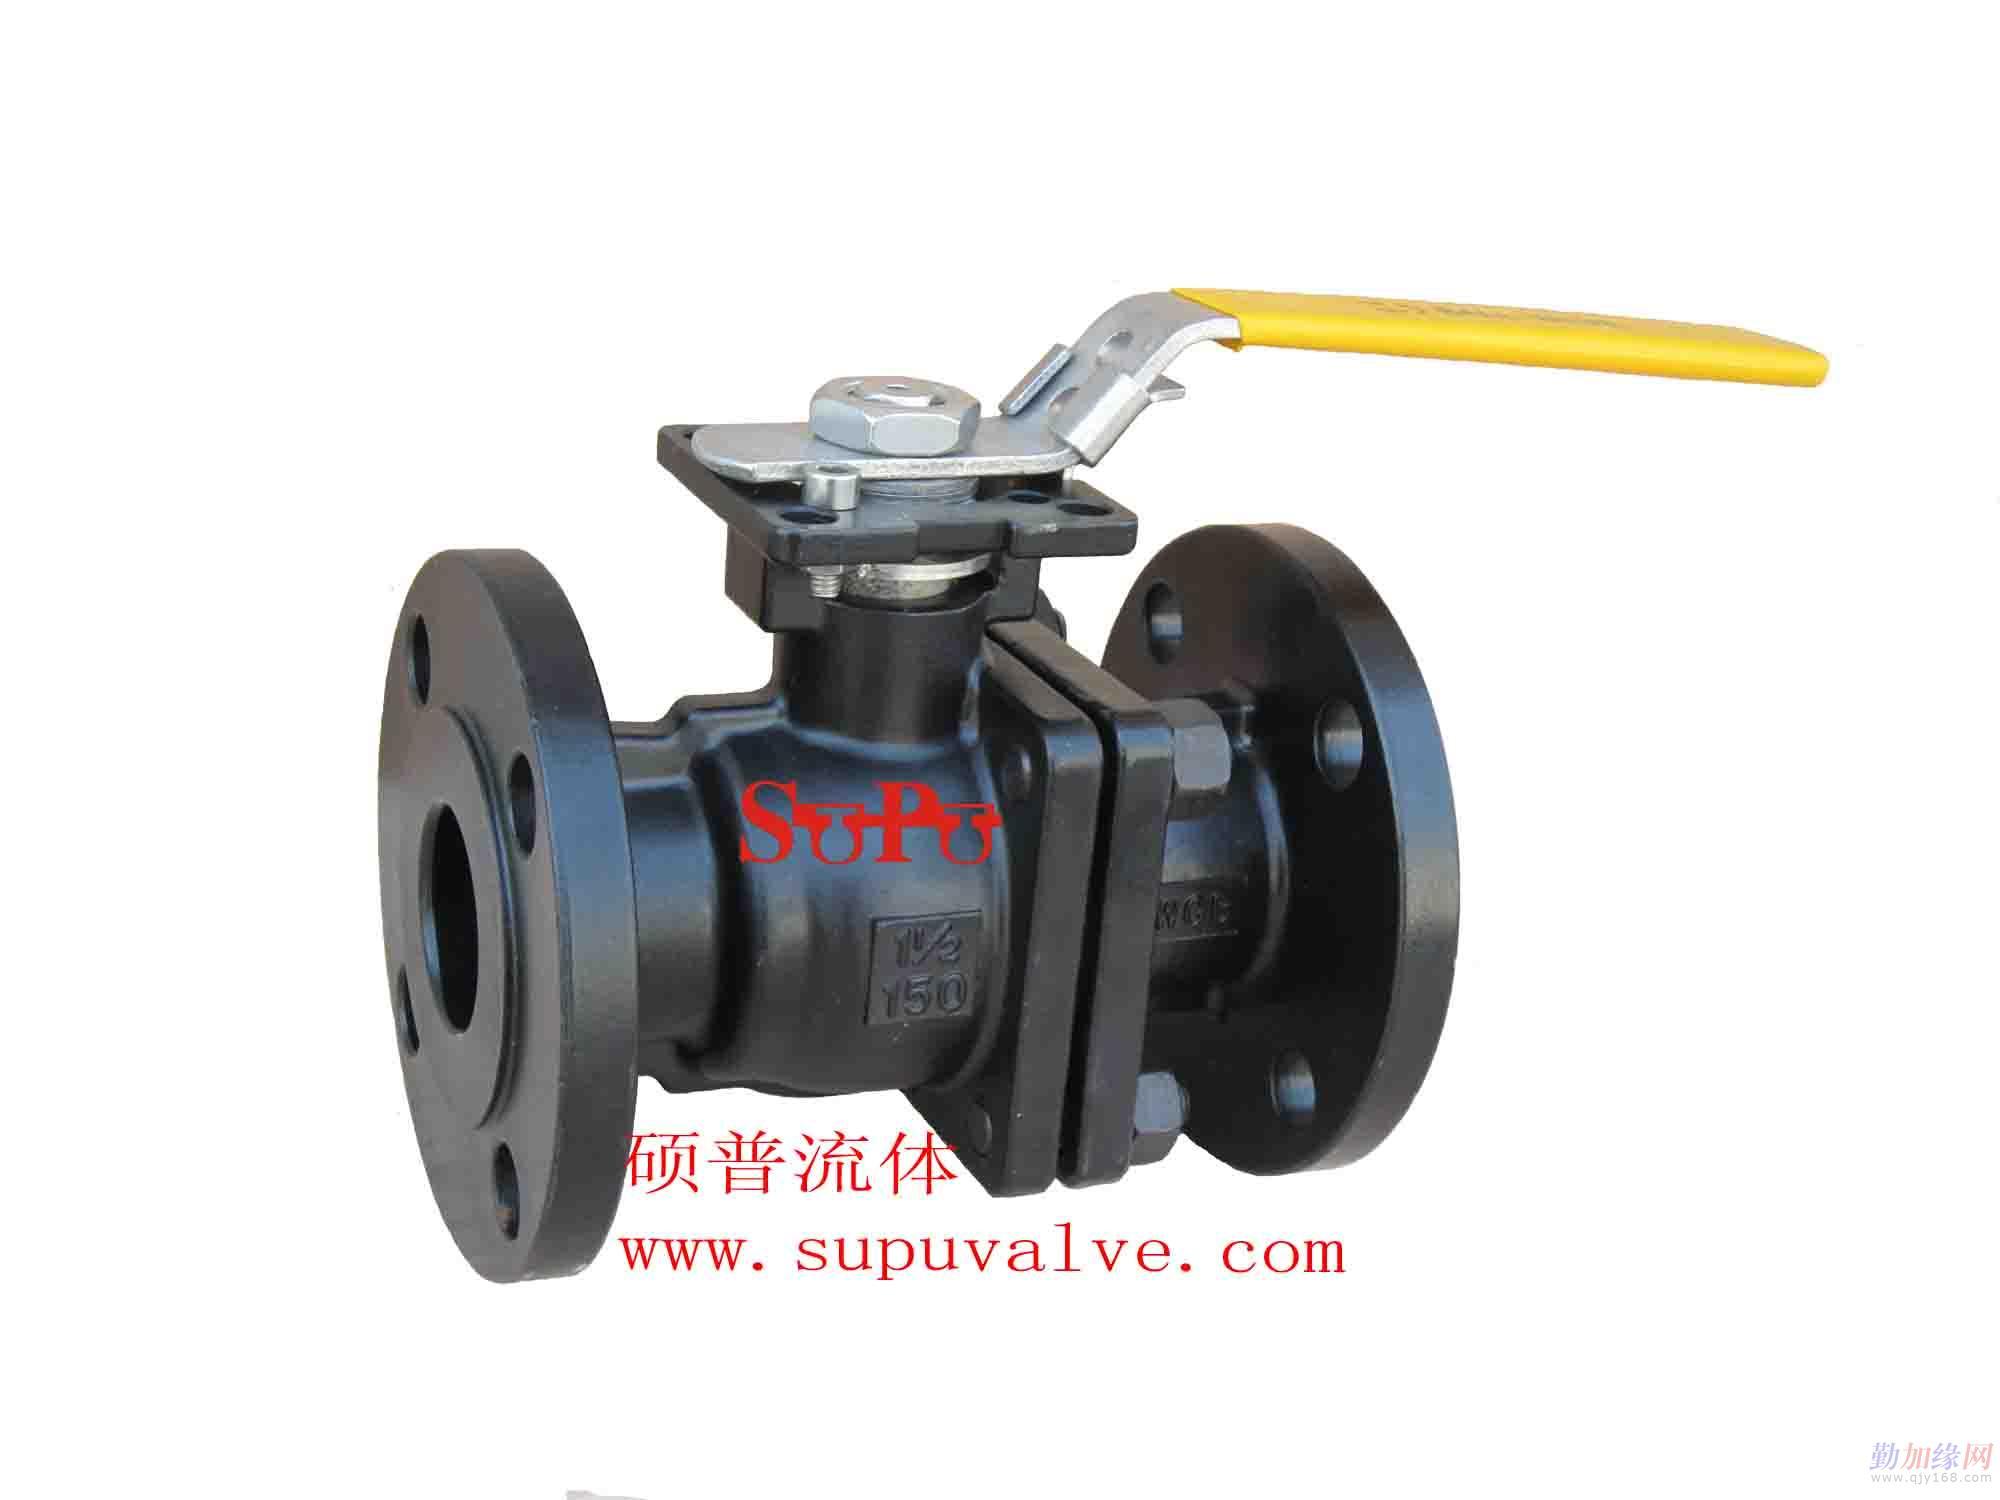 气动:压缩空气(5-7bar) ·可选附件:气源换向电磁阀,限位开关,定位图片